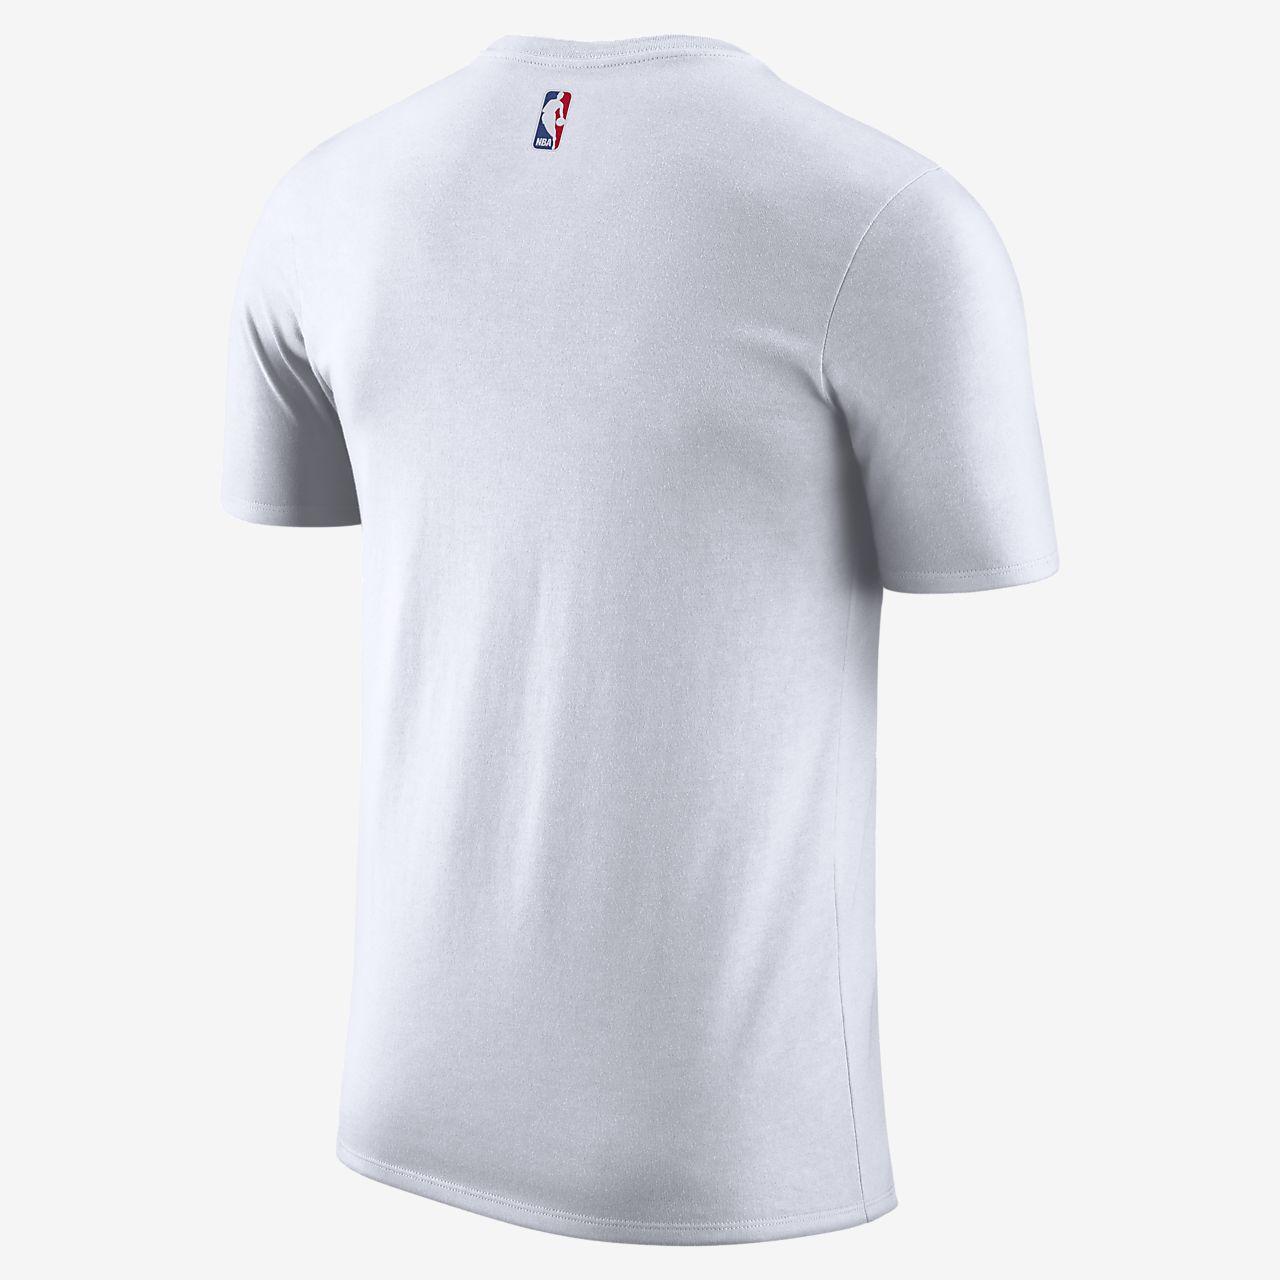 detailed look 3c429 ea6f2 New York Knicks Custom T Shirt | Azərbaycan Dillər Universiteti